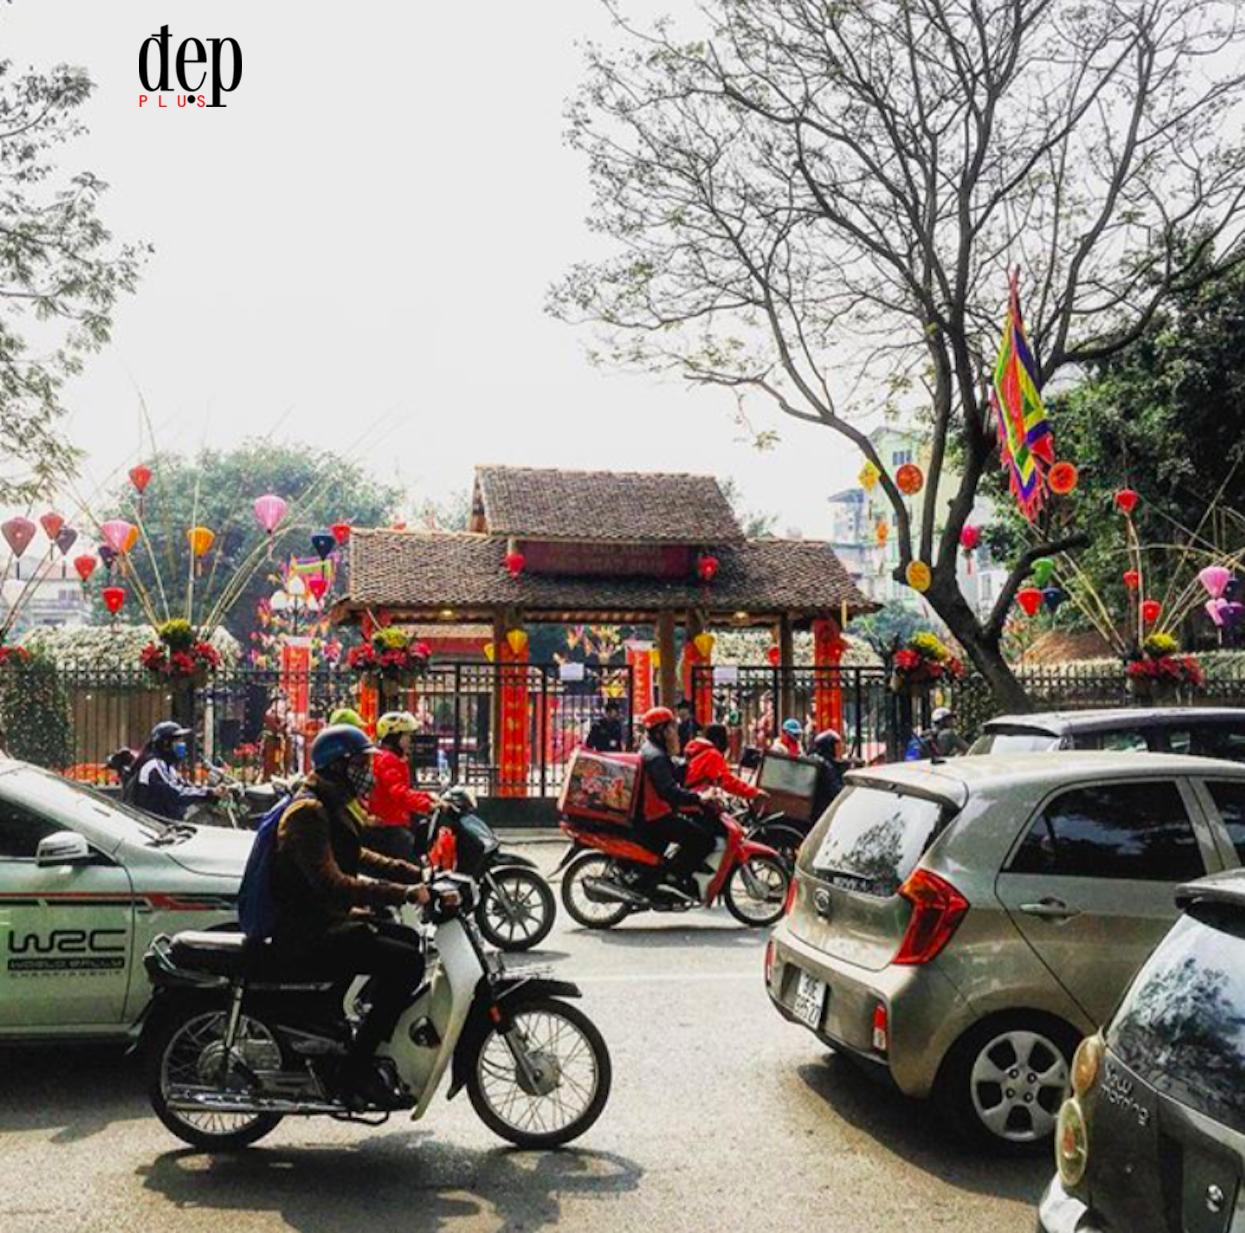 Hà Nội không cấm đường tại những điểm bắn pháo hoa đêm giao thừa